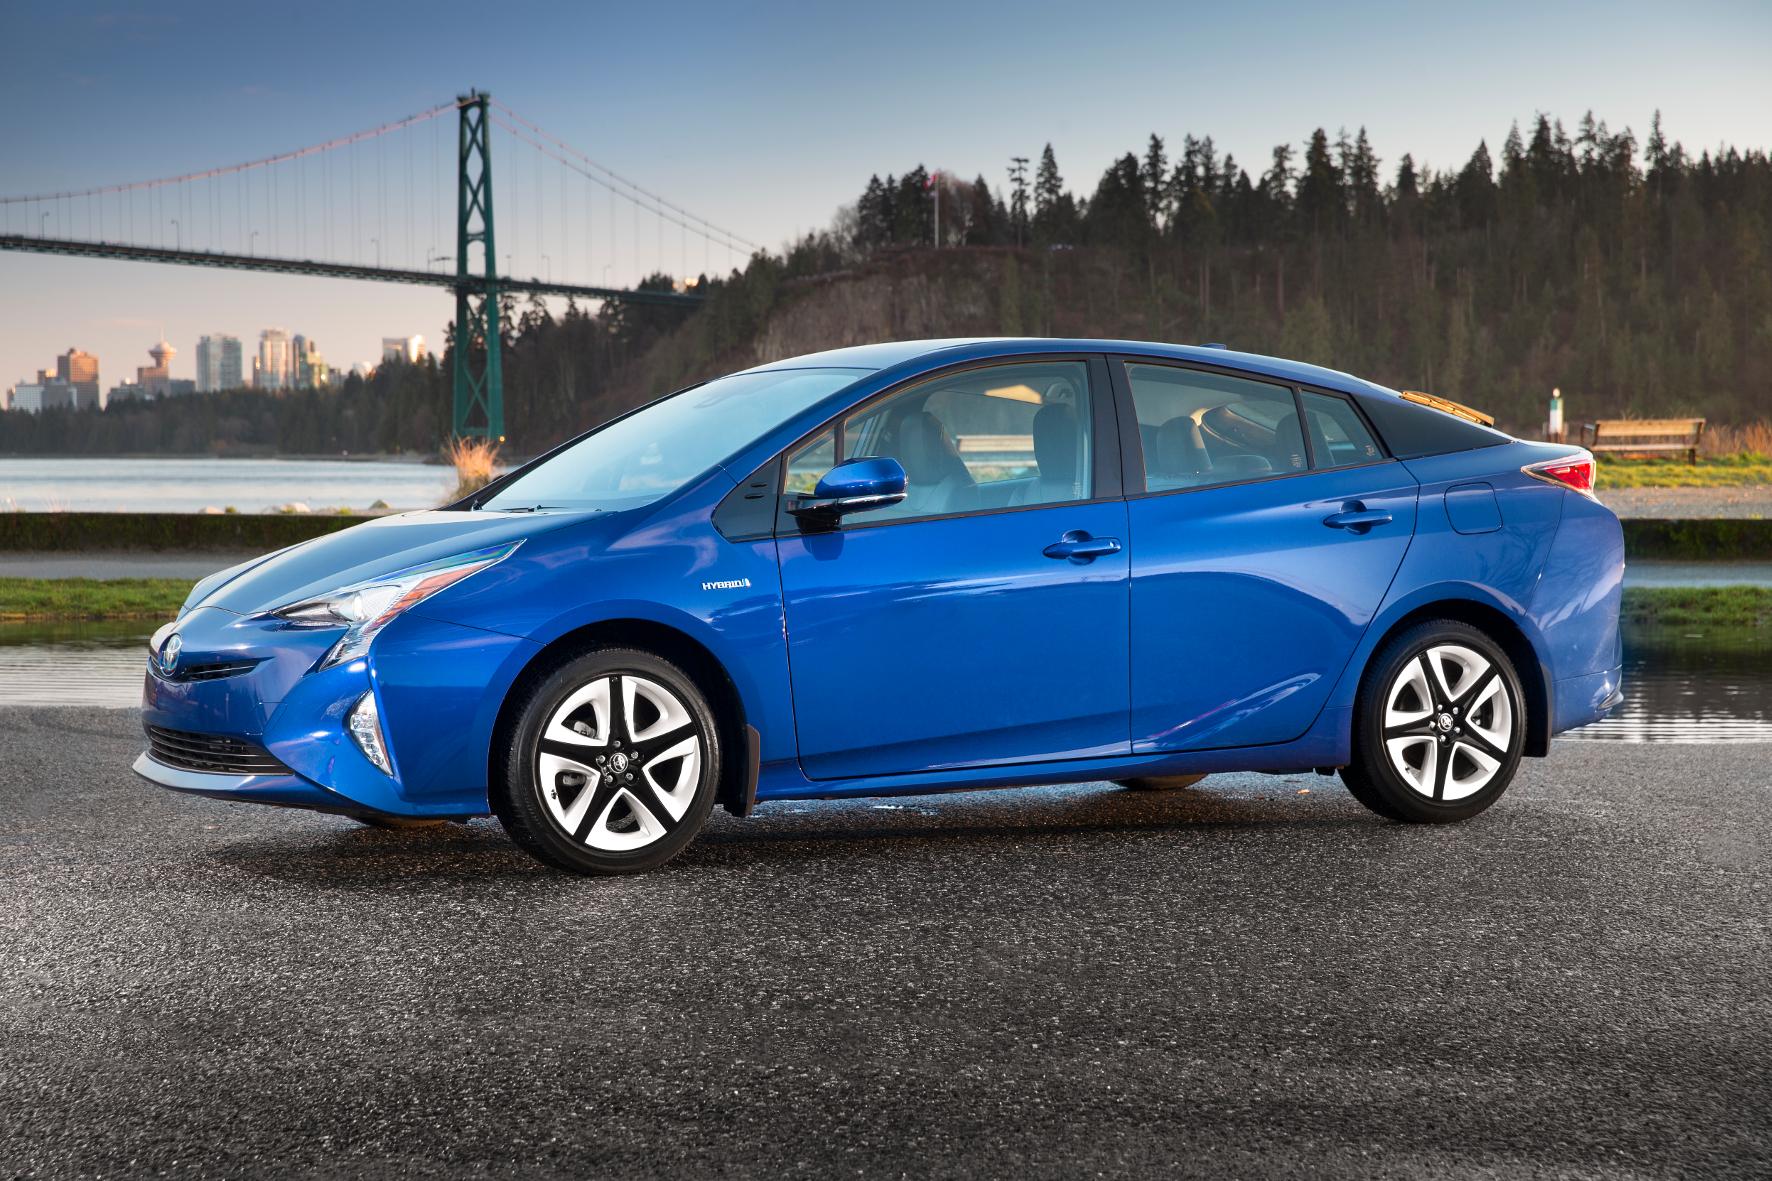 Toyota: Millionen-Investition in die Zukunft